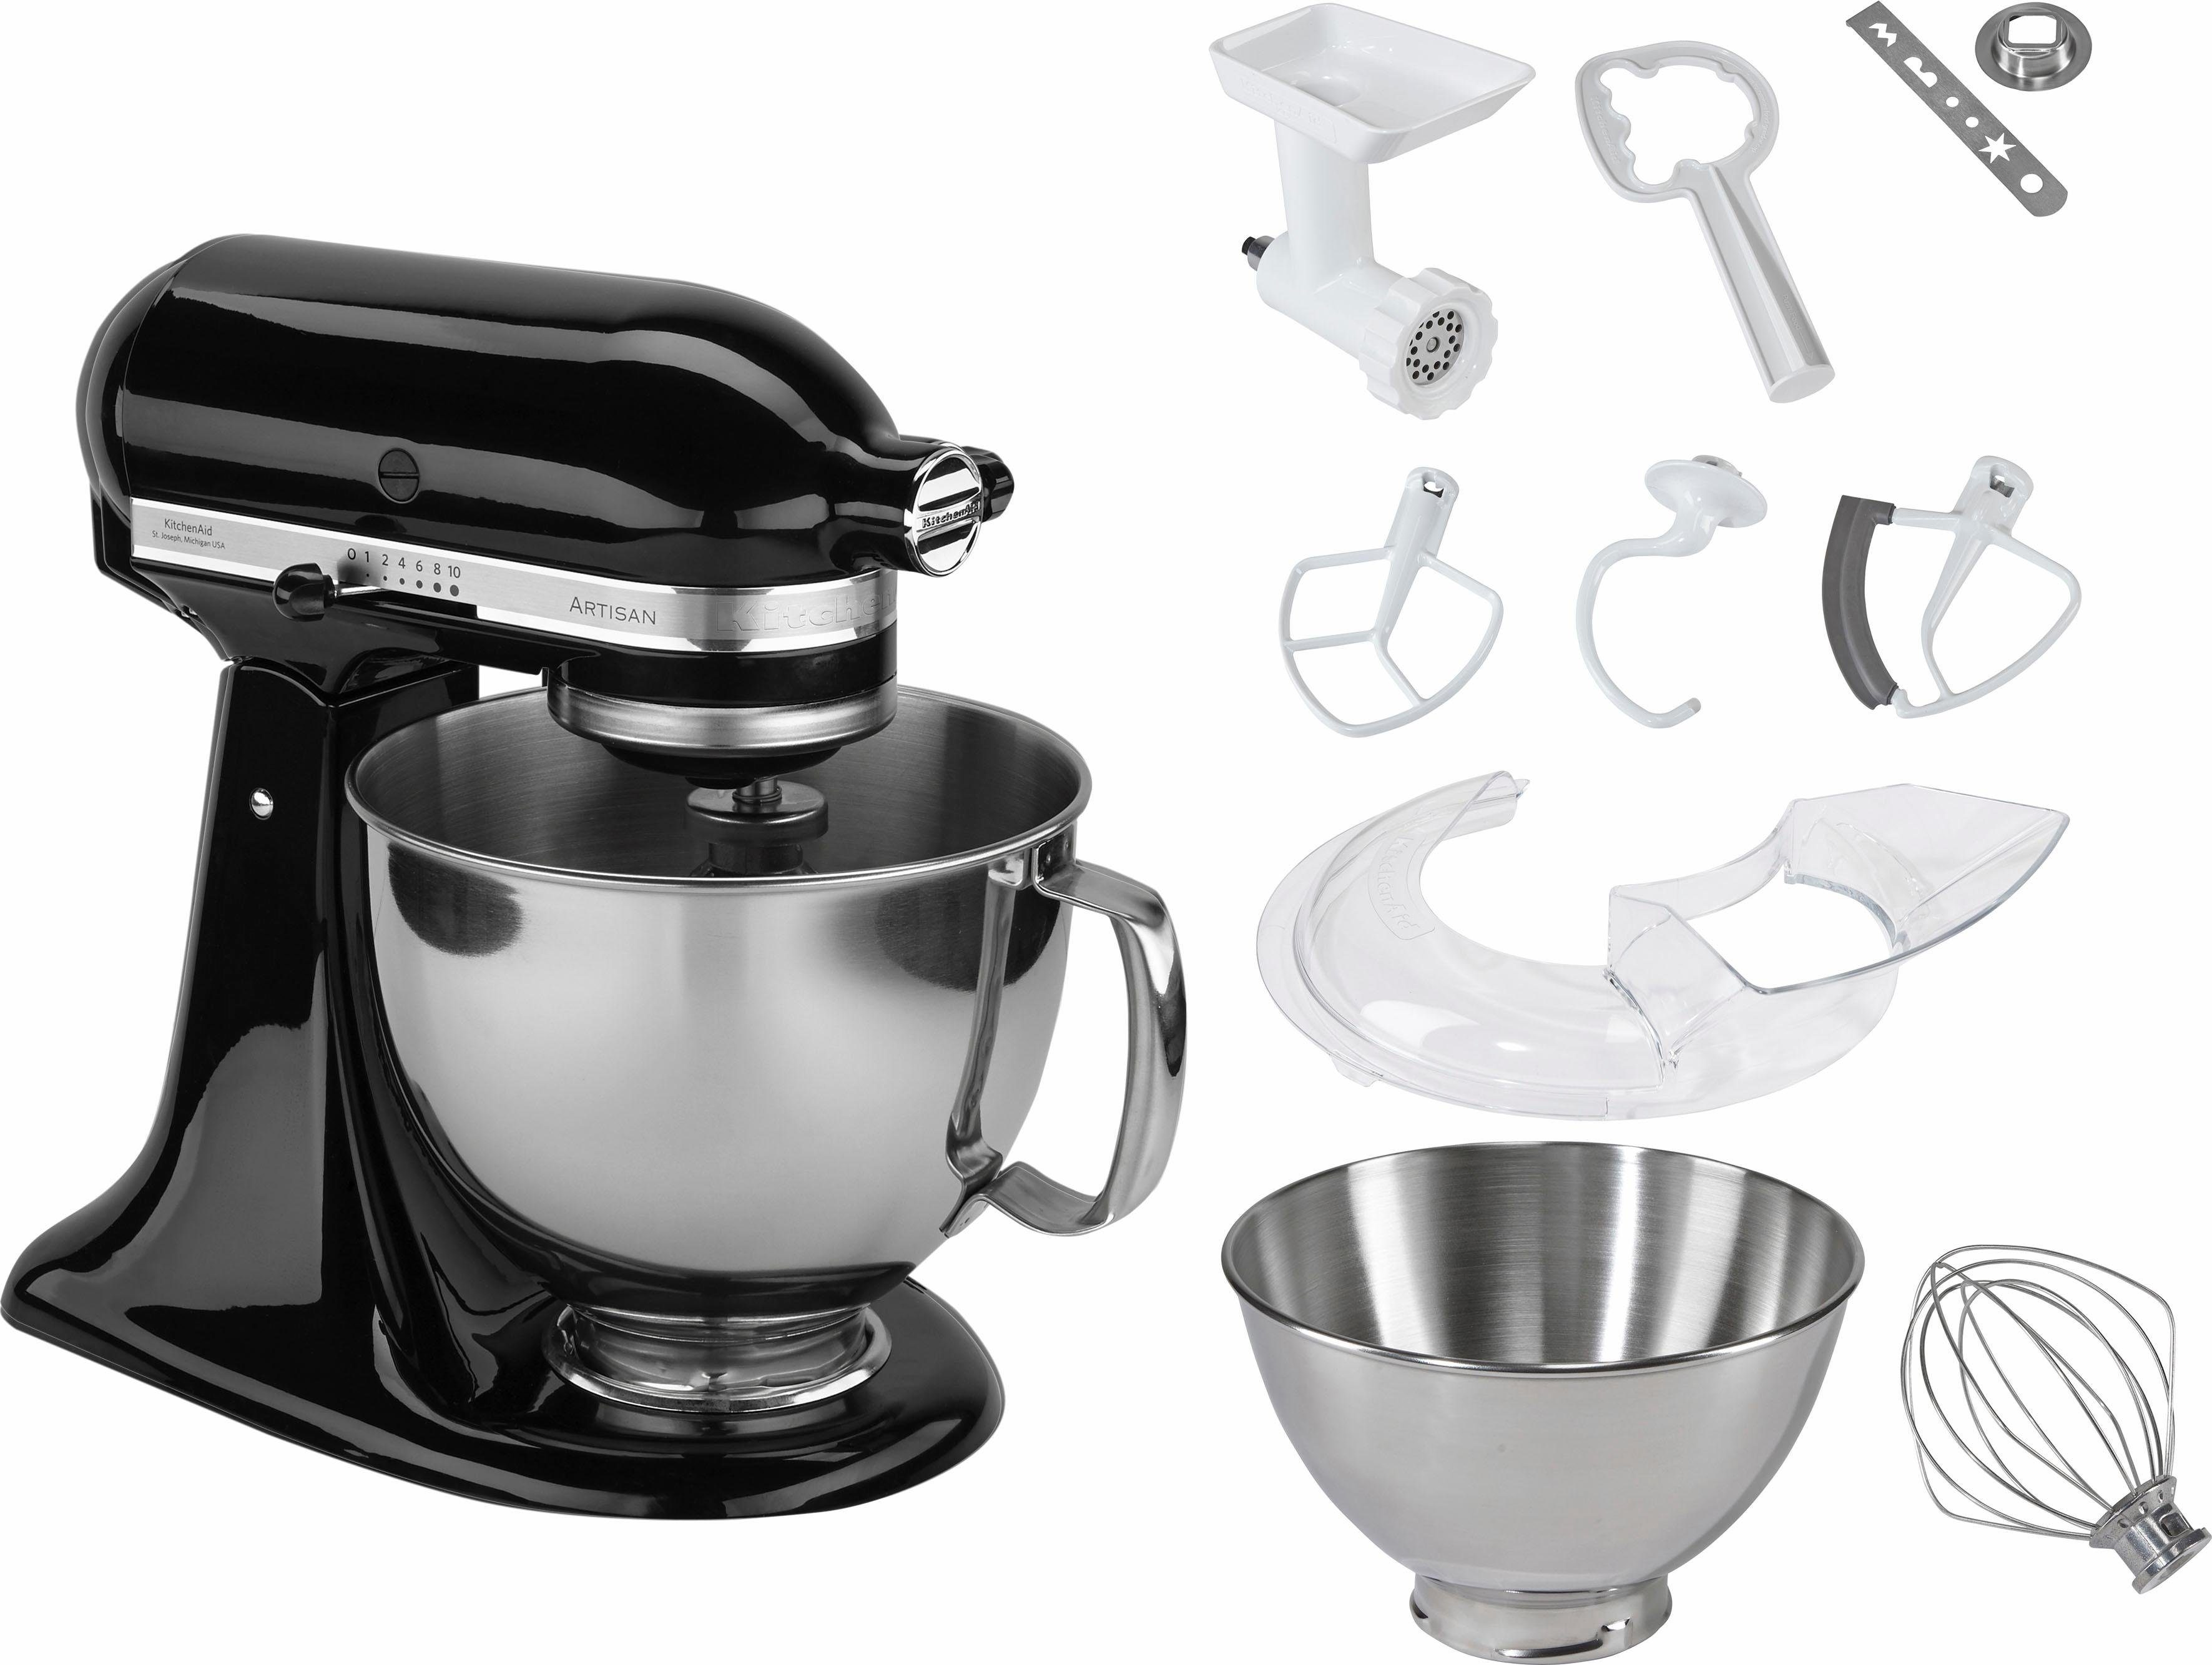 KitchenAid® Küchenmaschine 5KSM125PSEOB Artisan + Zubehör im Wert von 214,-€